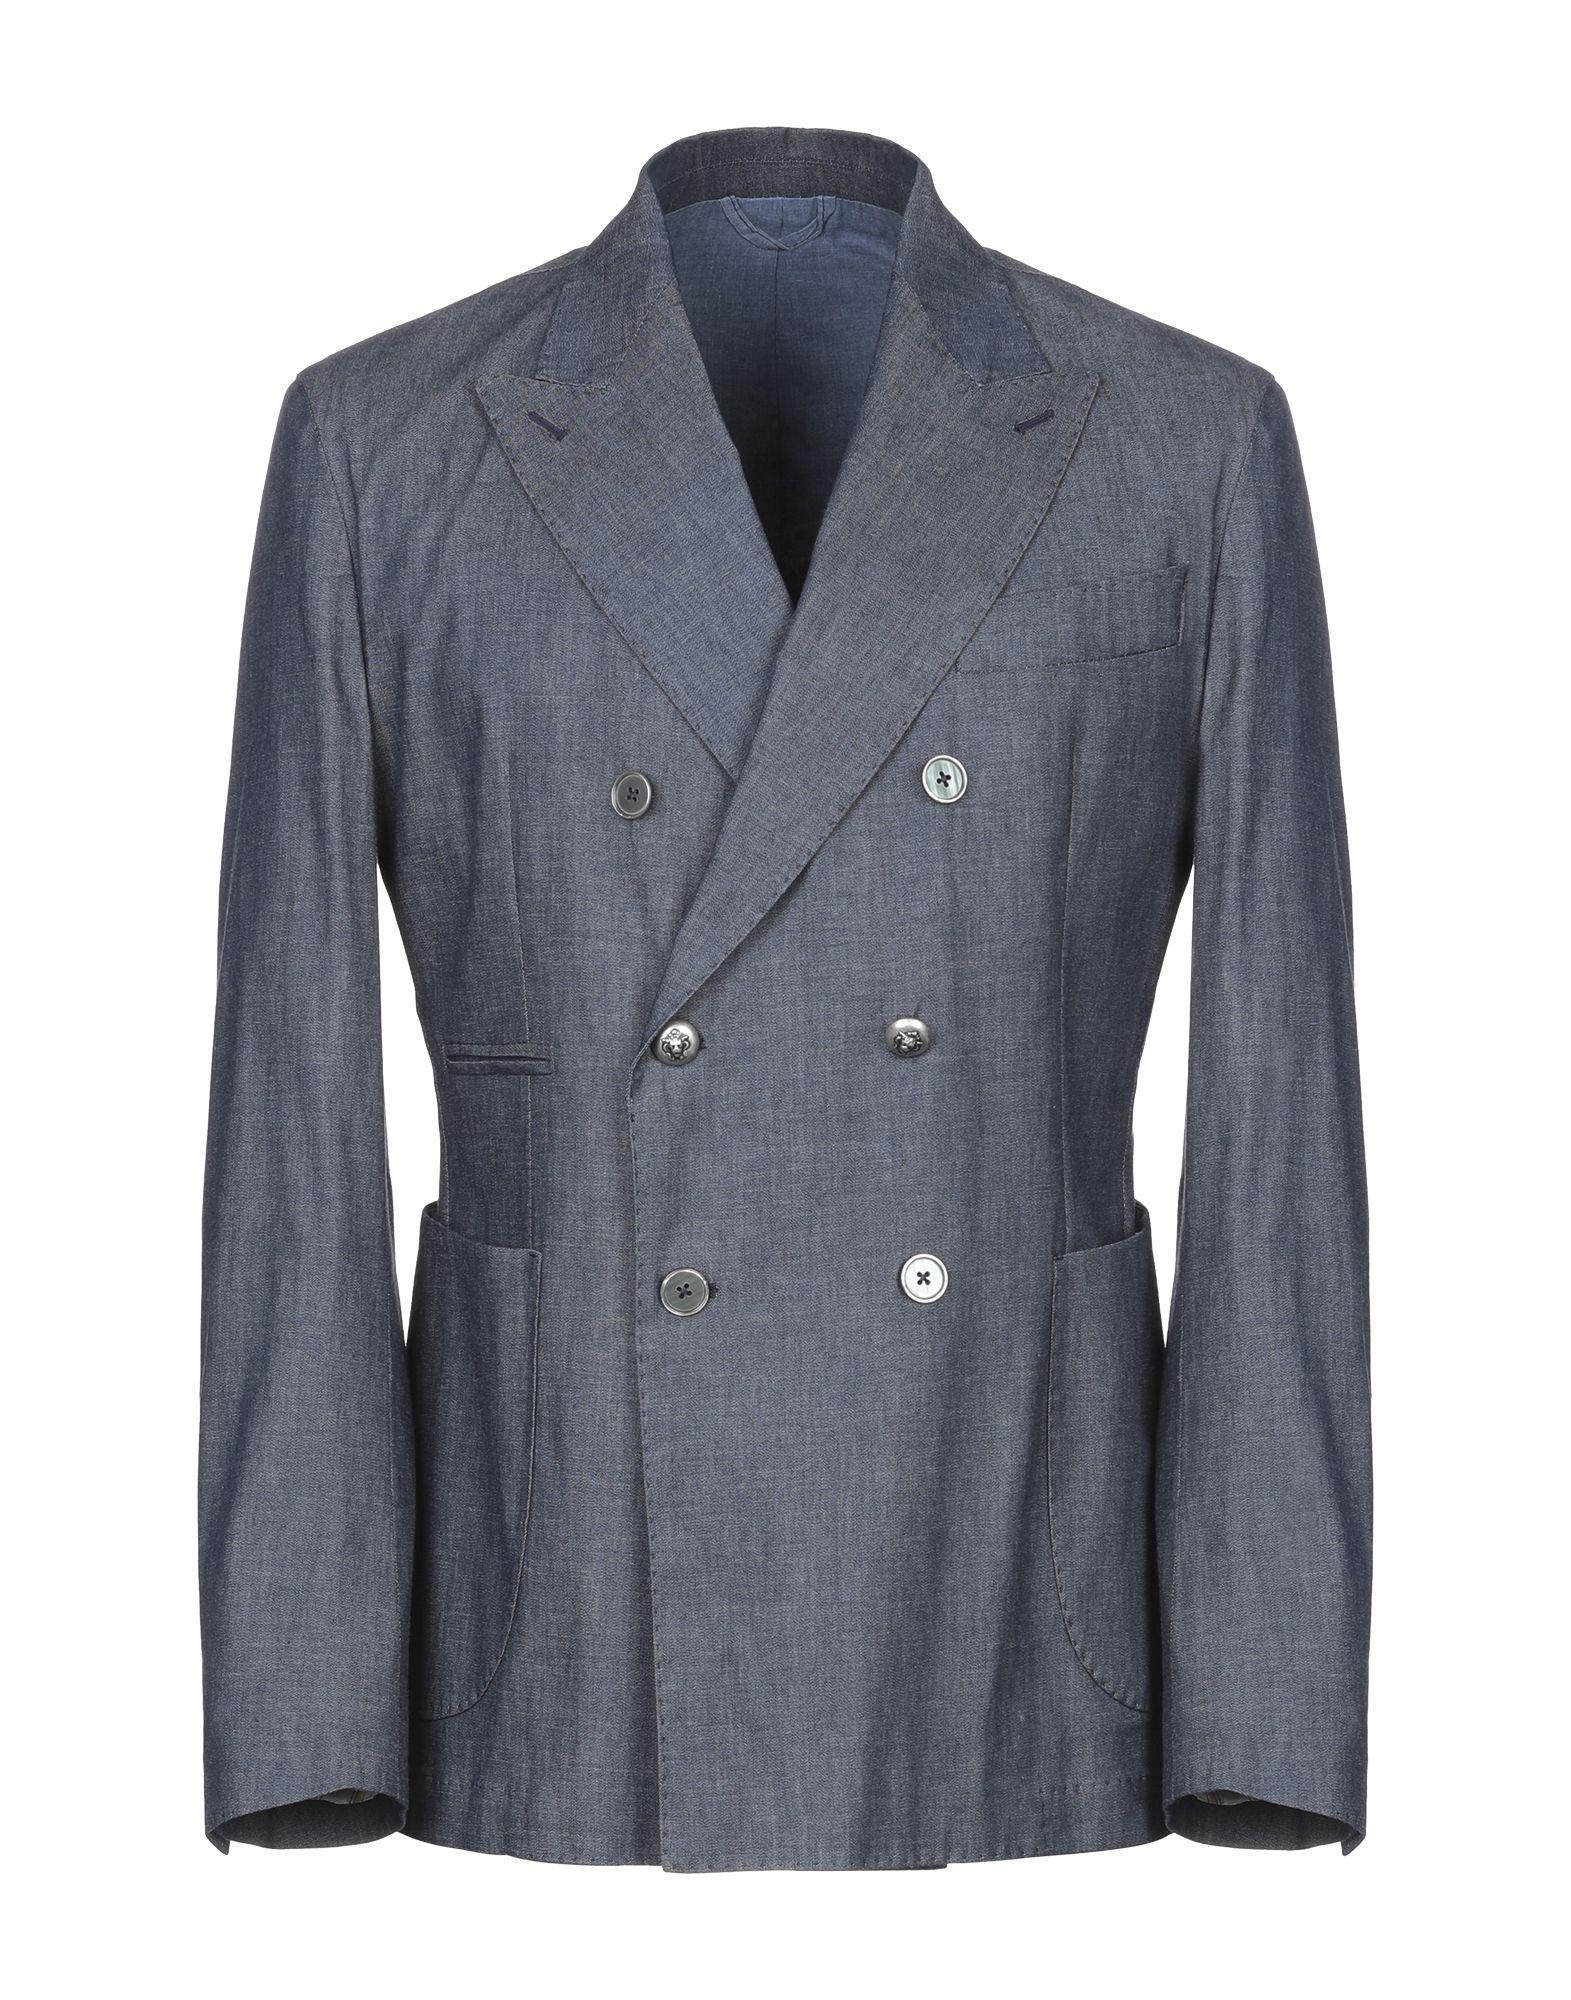 《期間限定セール開催中!》JOHN SHEEP メンズ テーラードジャケット ブルー 52 麻 59% / コットン 41%